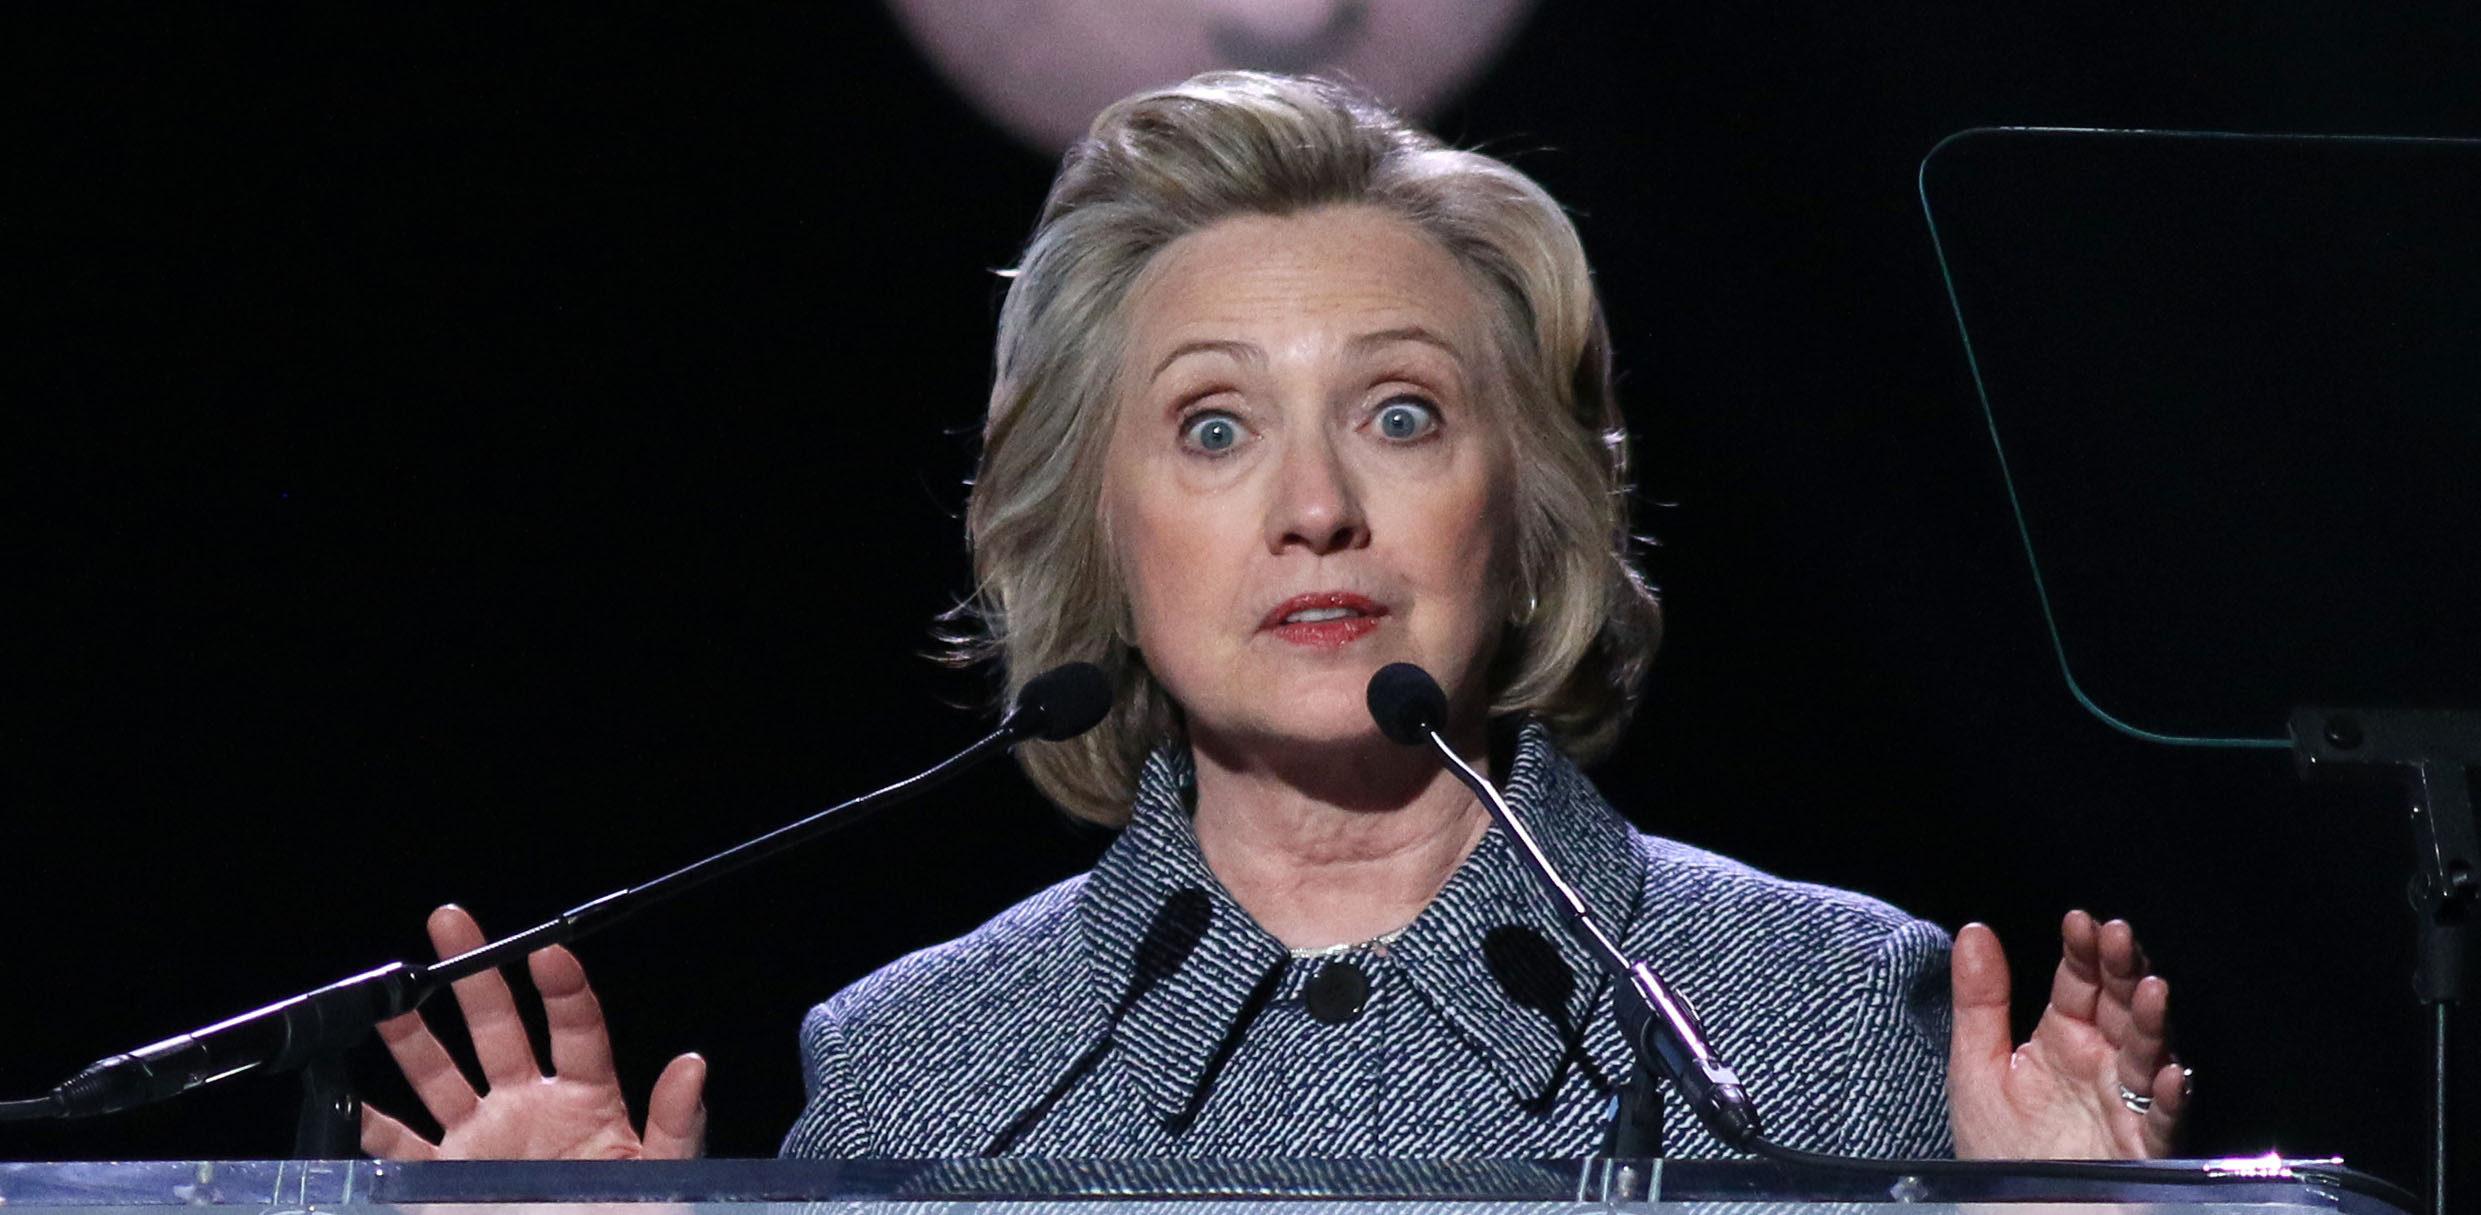 Hillary-Clinton-DNC-e1469549471673.jpg